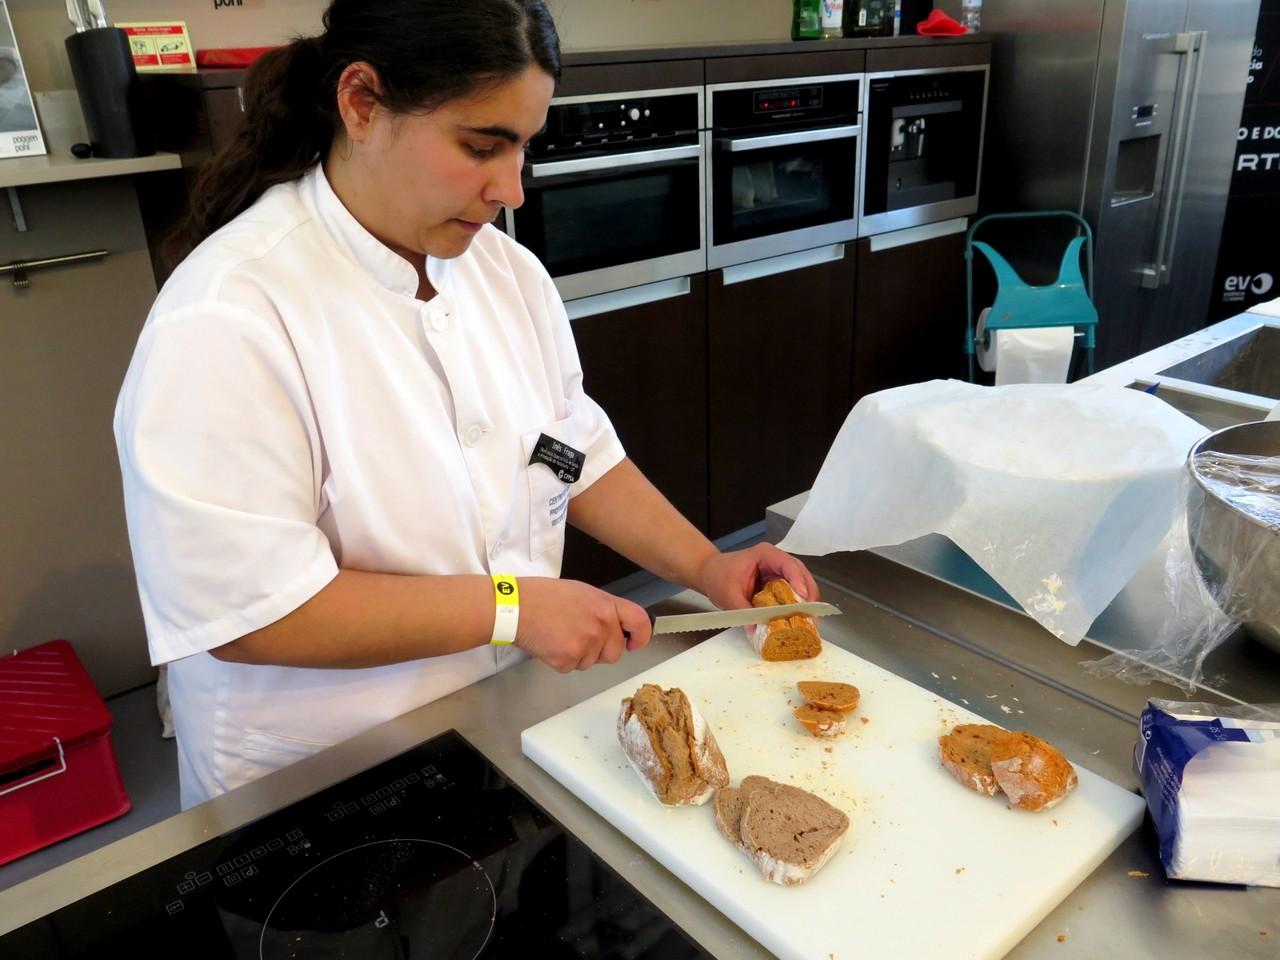 Inês Fraga fatiando os pães acabados de cozer